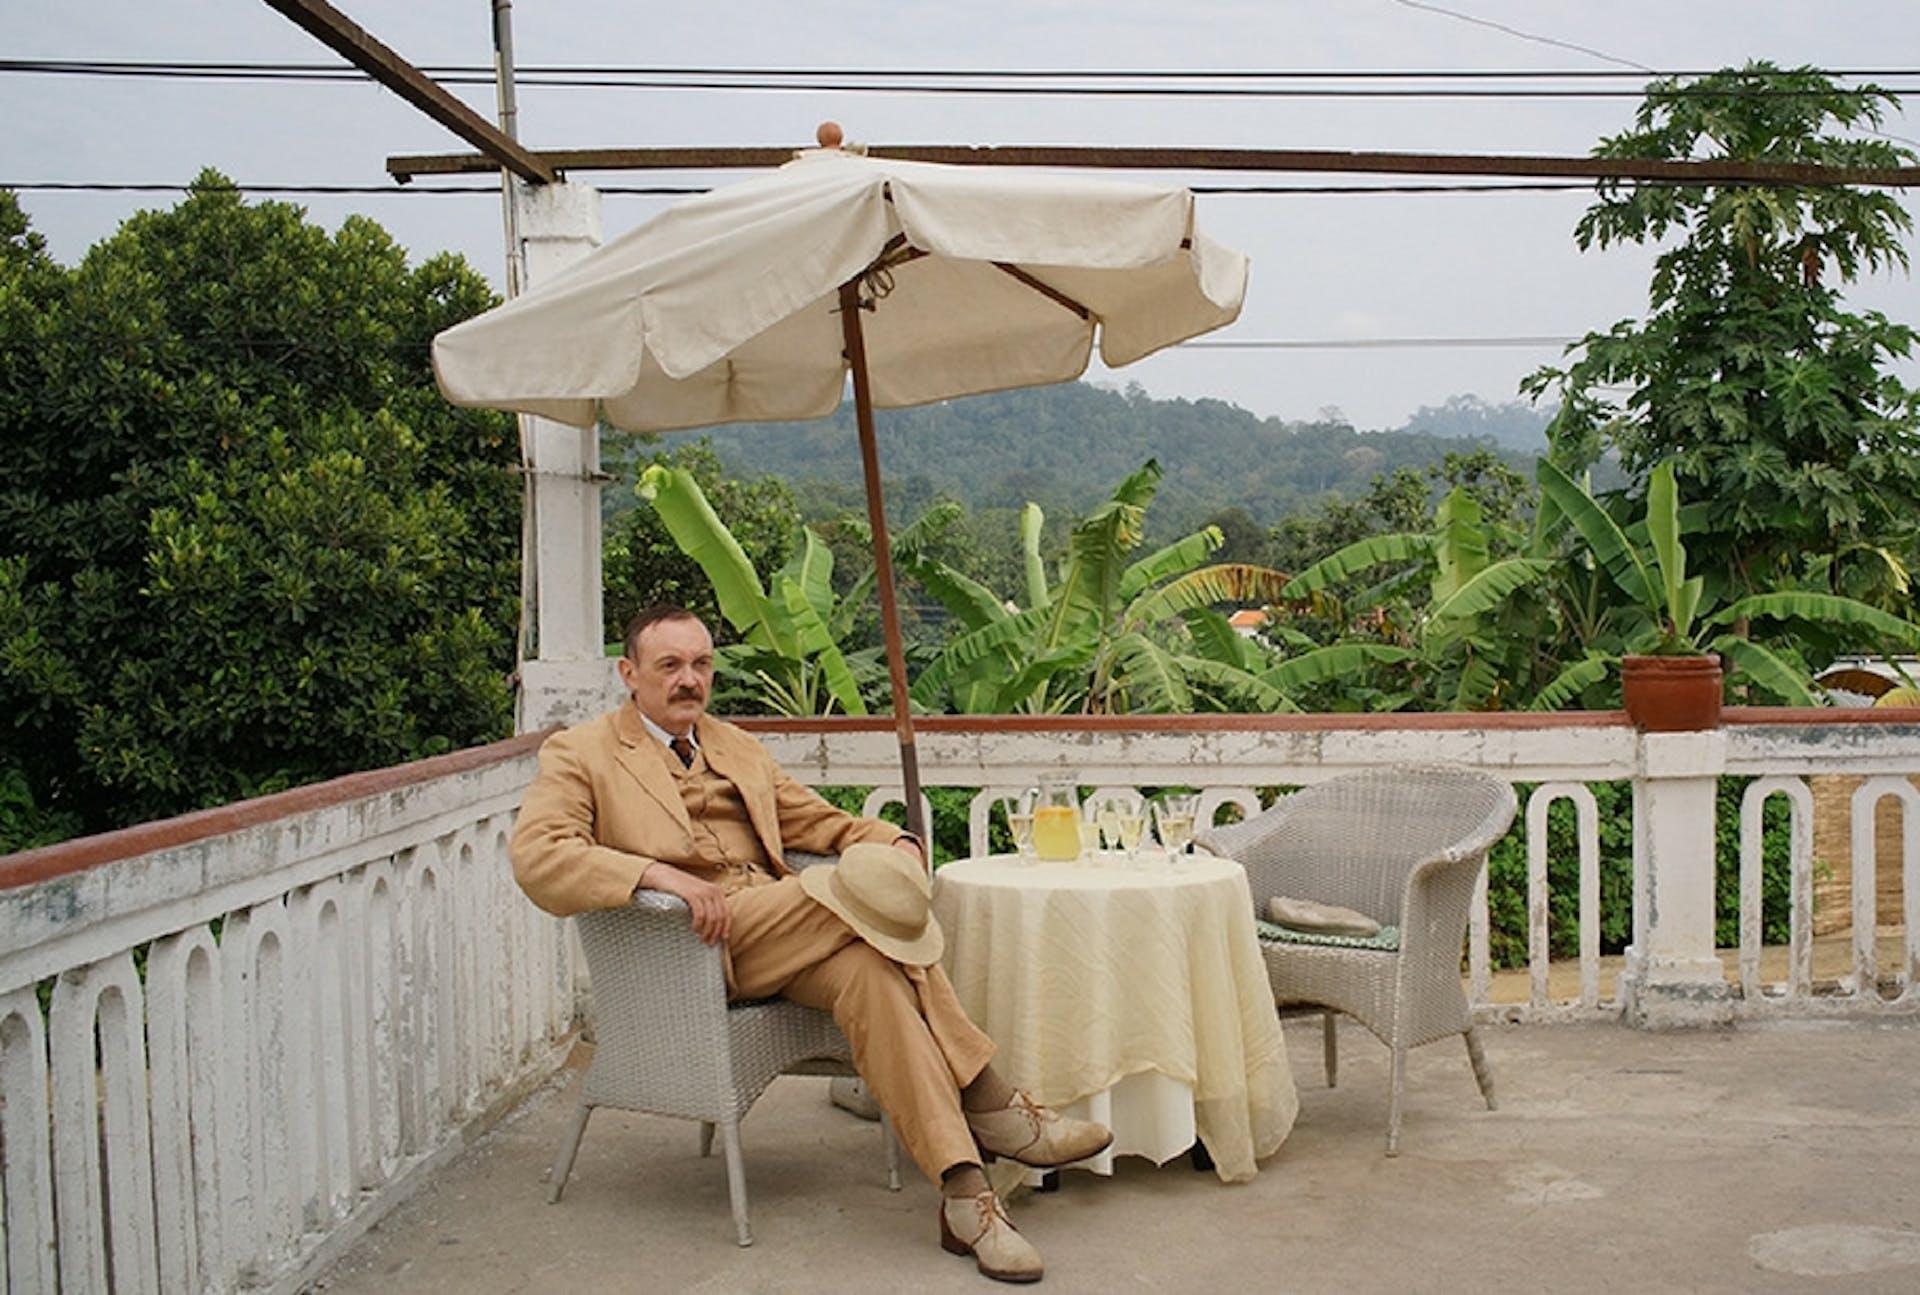 Stefan Zweig: Farewell To Europe (Vor der Morgenröte - Stefan Zweig in Amerika)